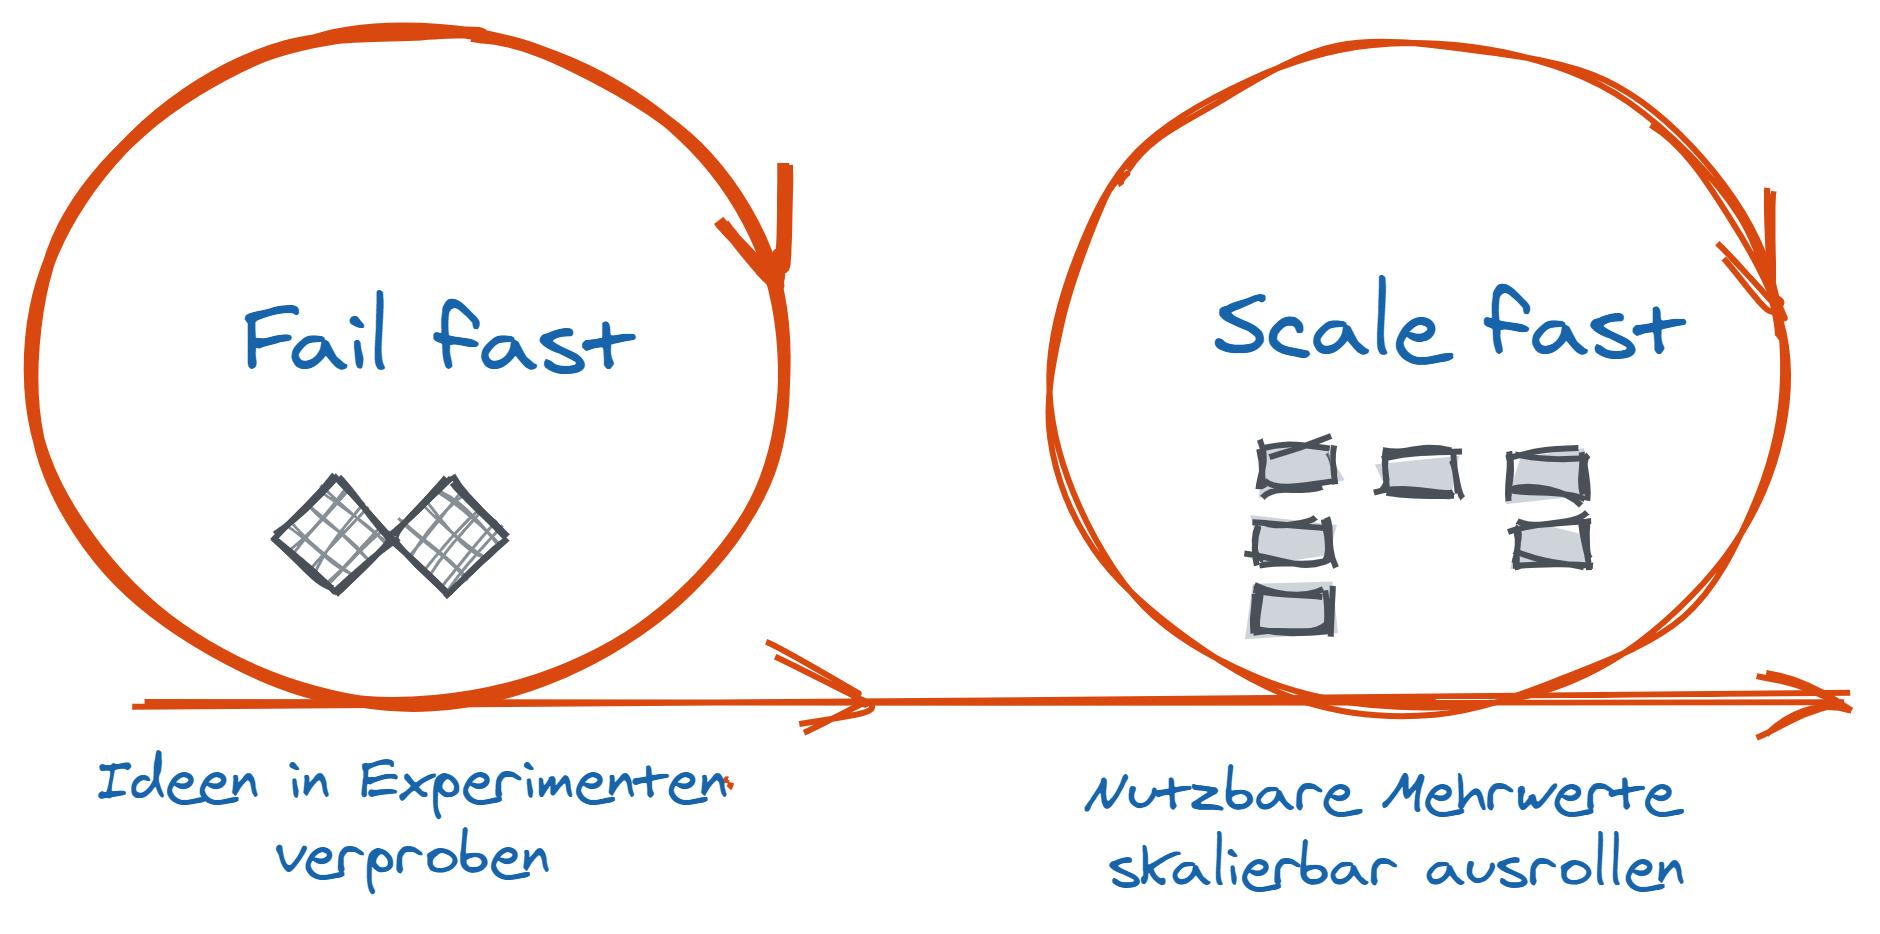 Agiler Ansatz um KI zu nutzen (Bild: Trebing & Himstedt Prozeßautomation)